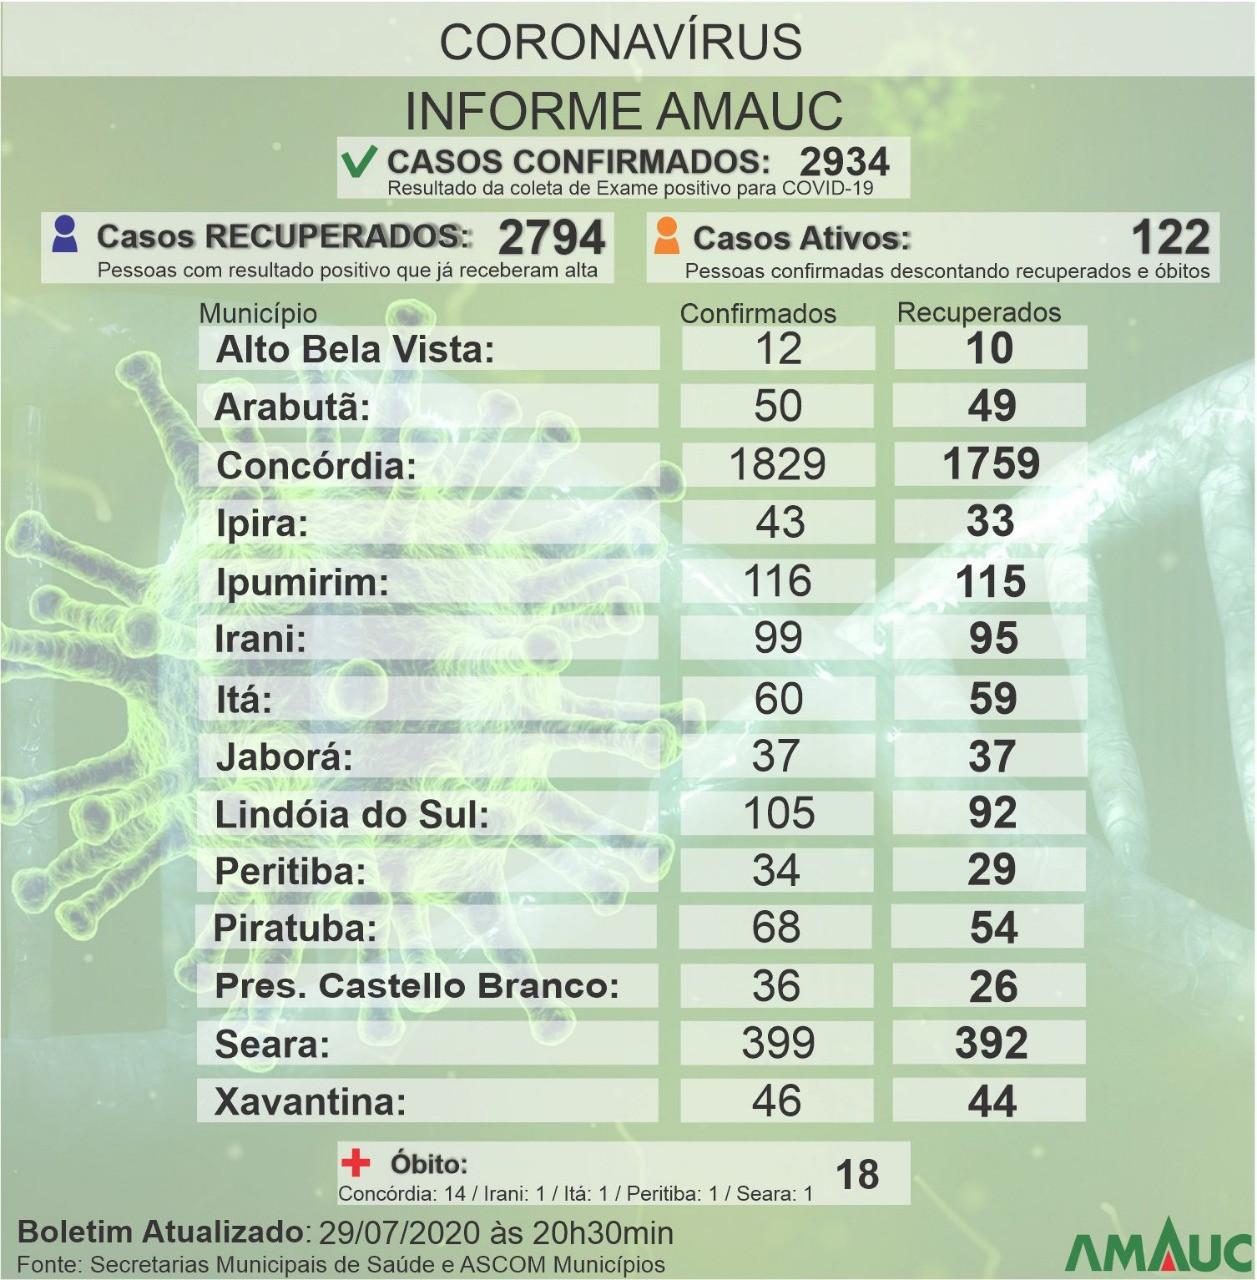 Amauc registra 42 novos casos positivos confirmados em 24h